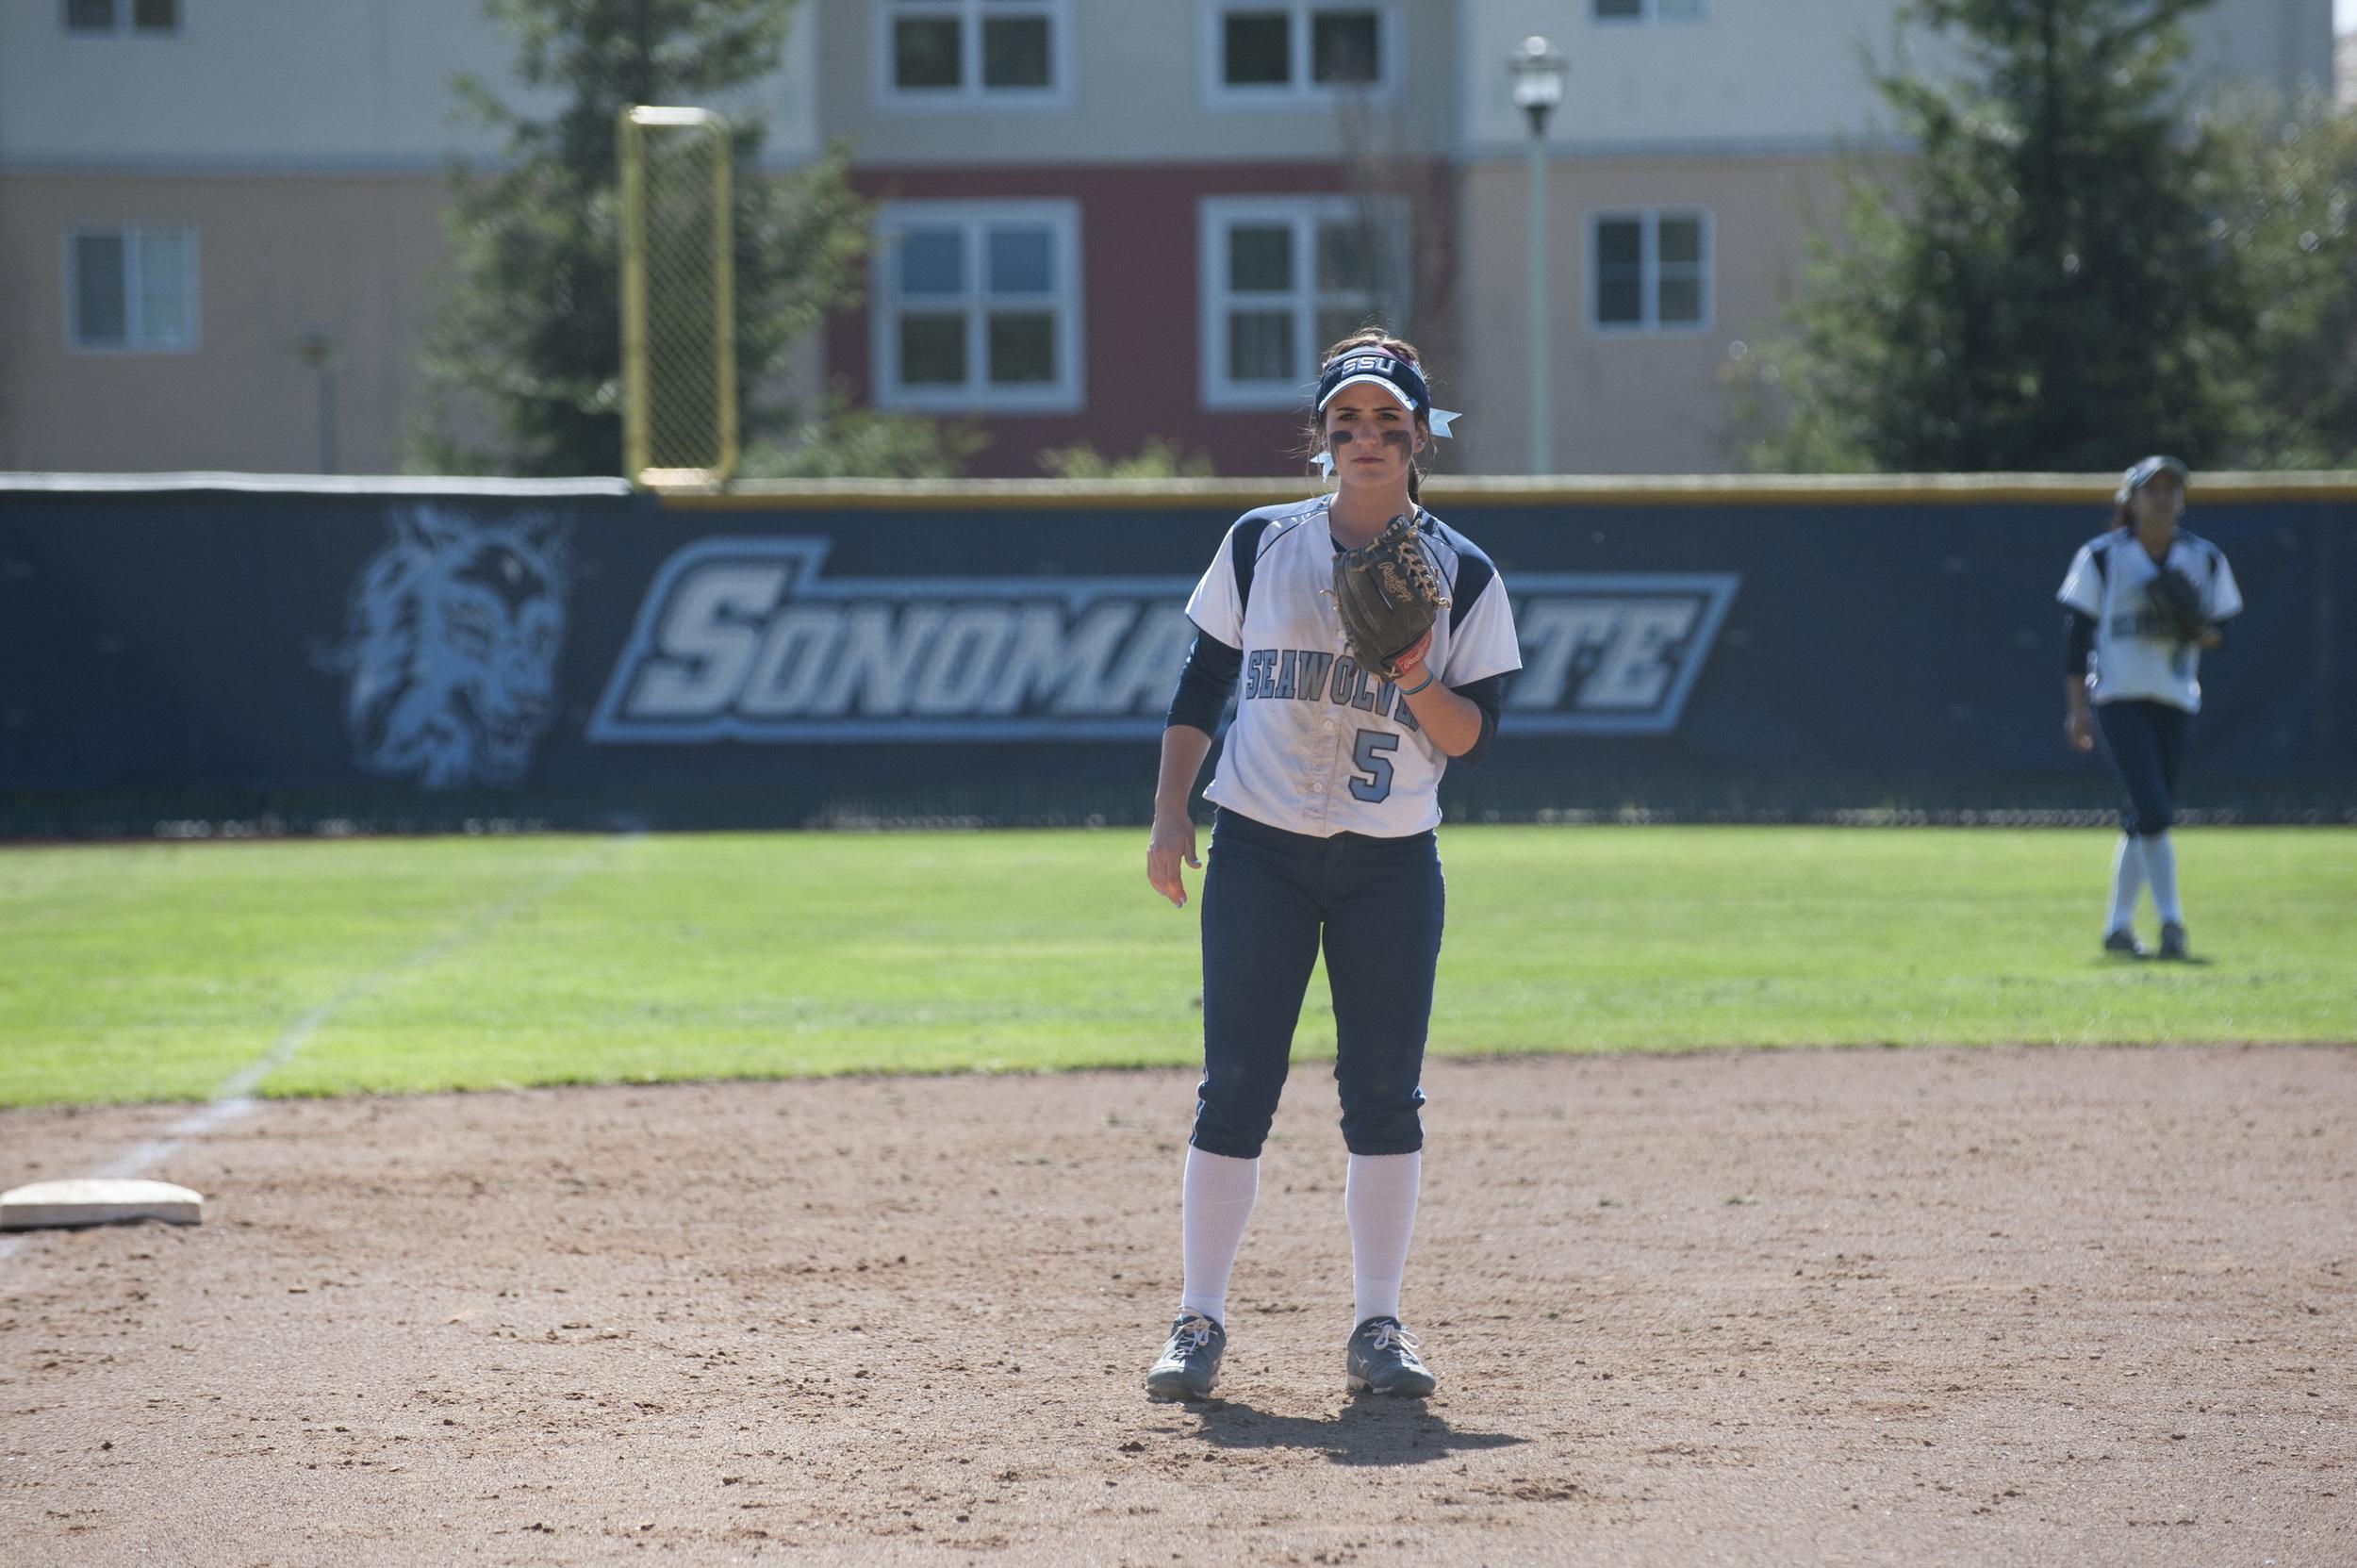 Softball 3rd baseman